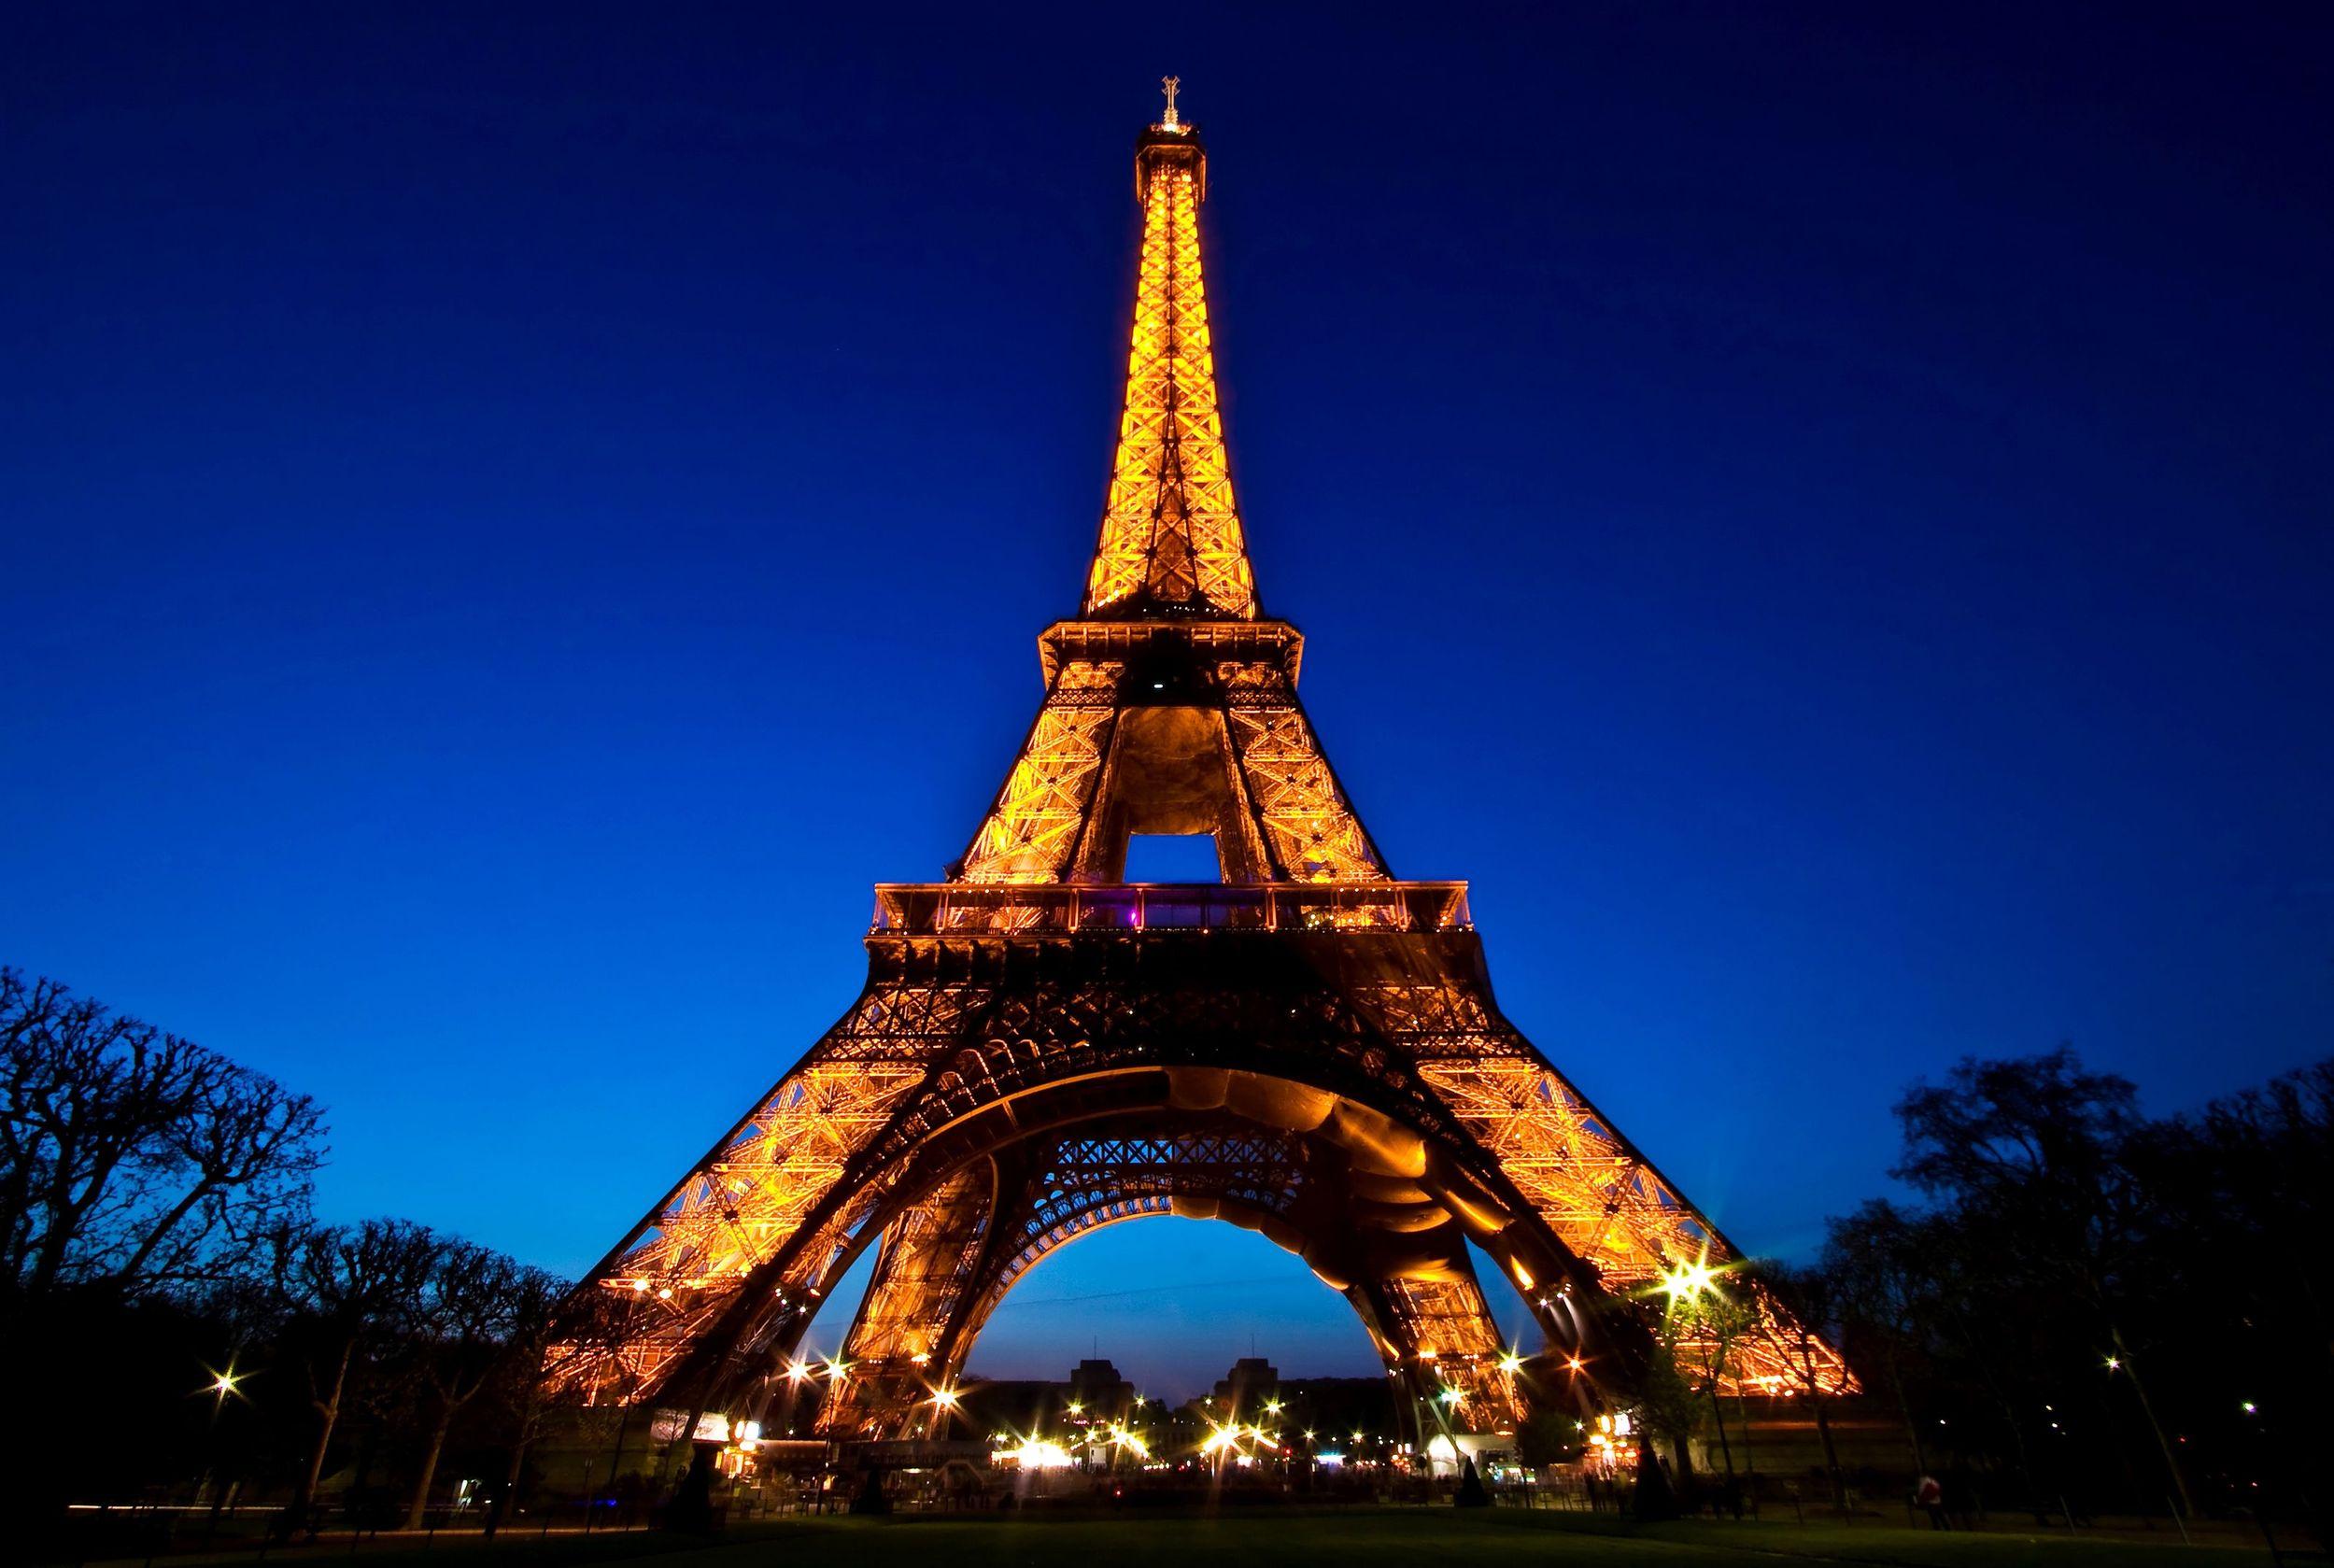 """La maldición de la Torre Eiffel """"rompe parejas"""" ¿mito o realidad?"""